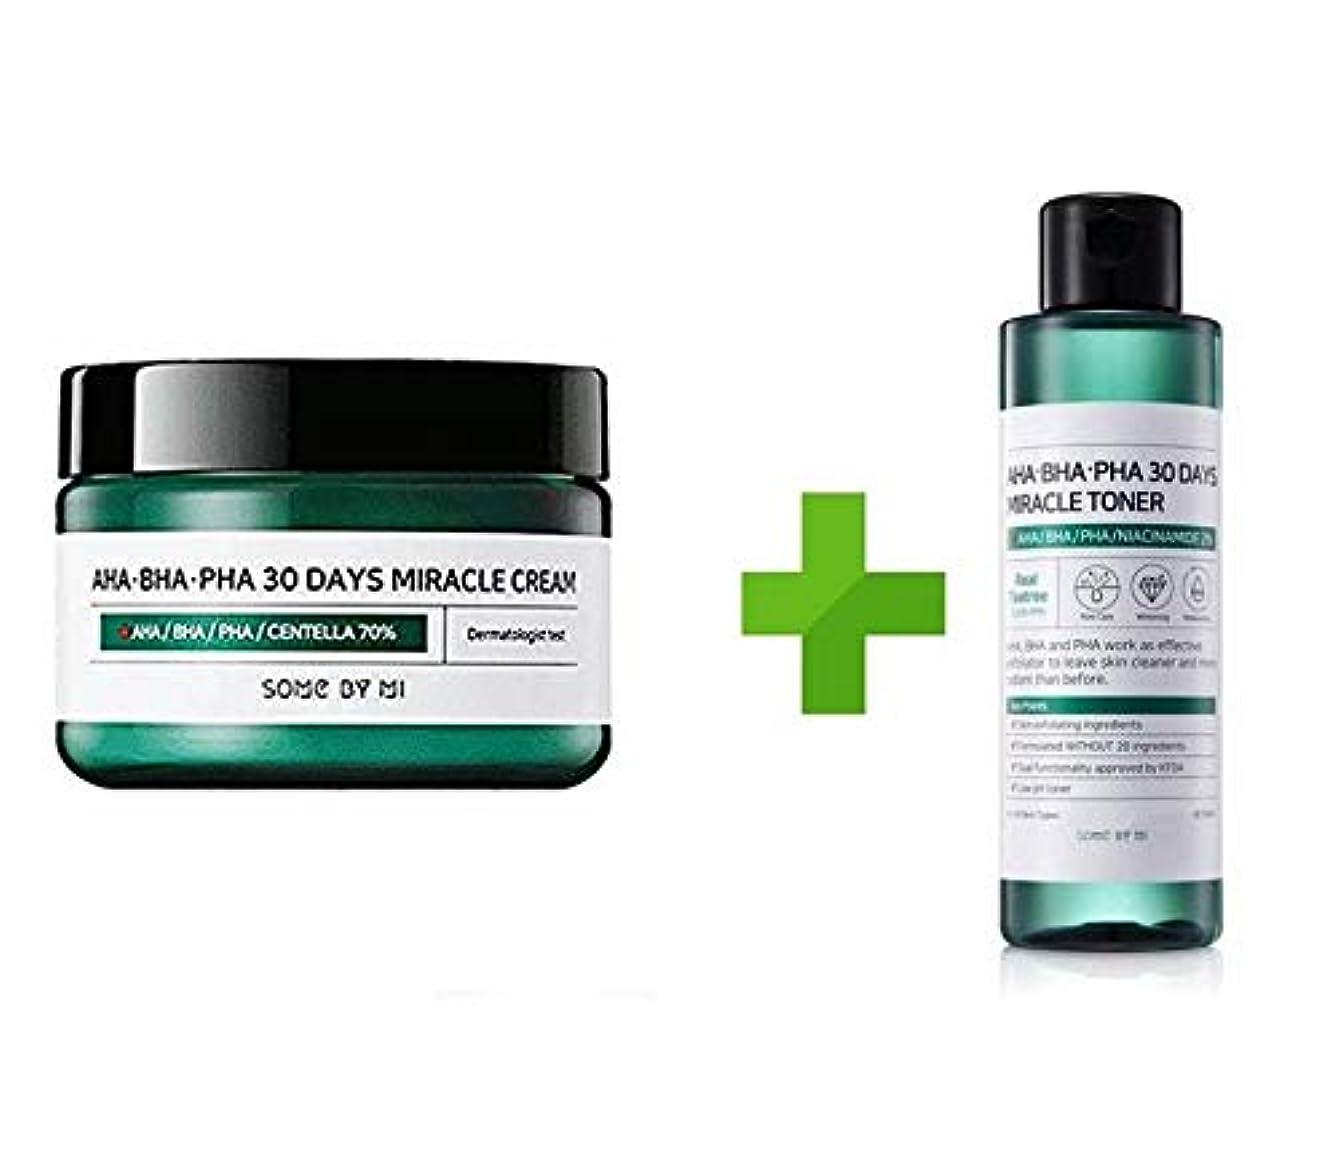 今大学院氏Somebymi AHA BHA PHA Miracle Cream (50ml + Toner 150ml)Skin Barrier & Recovery, Soothing with Tea Tree 10,000ppm...